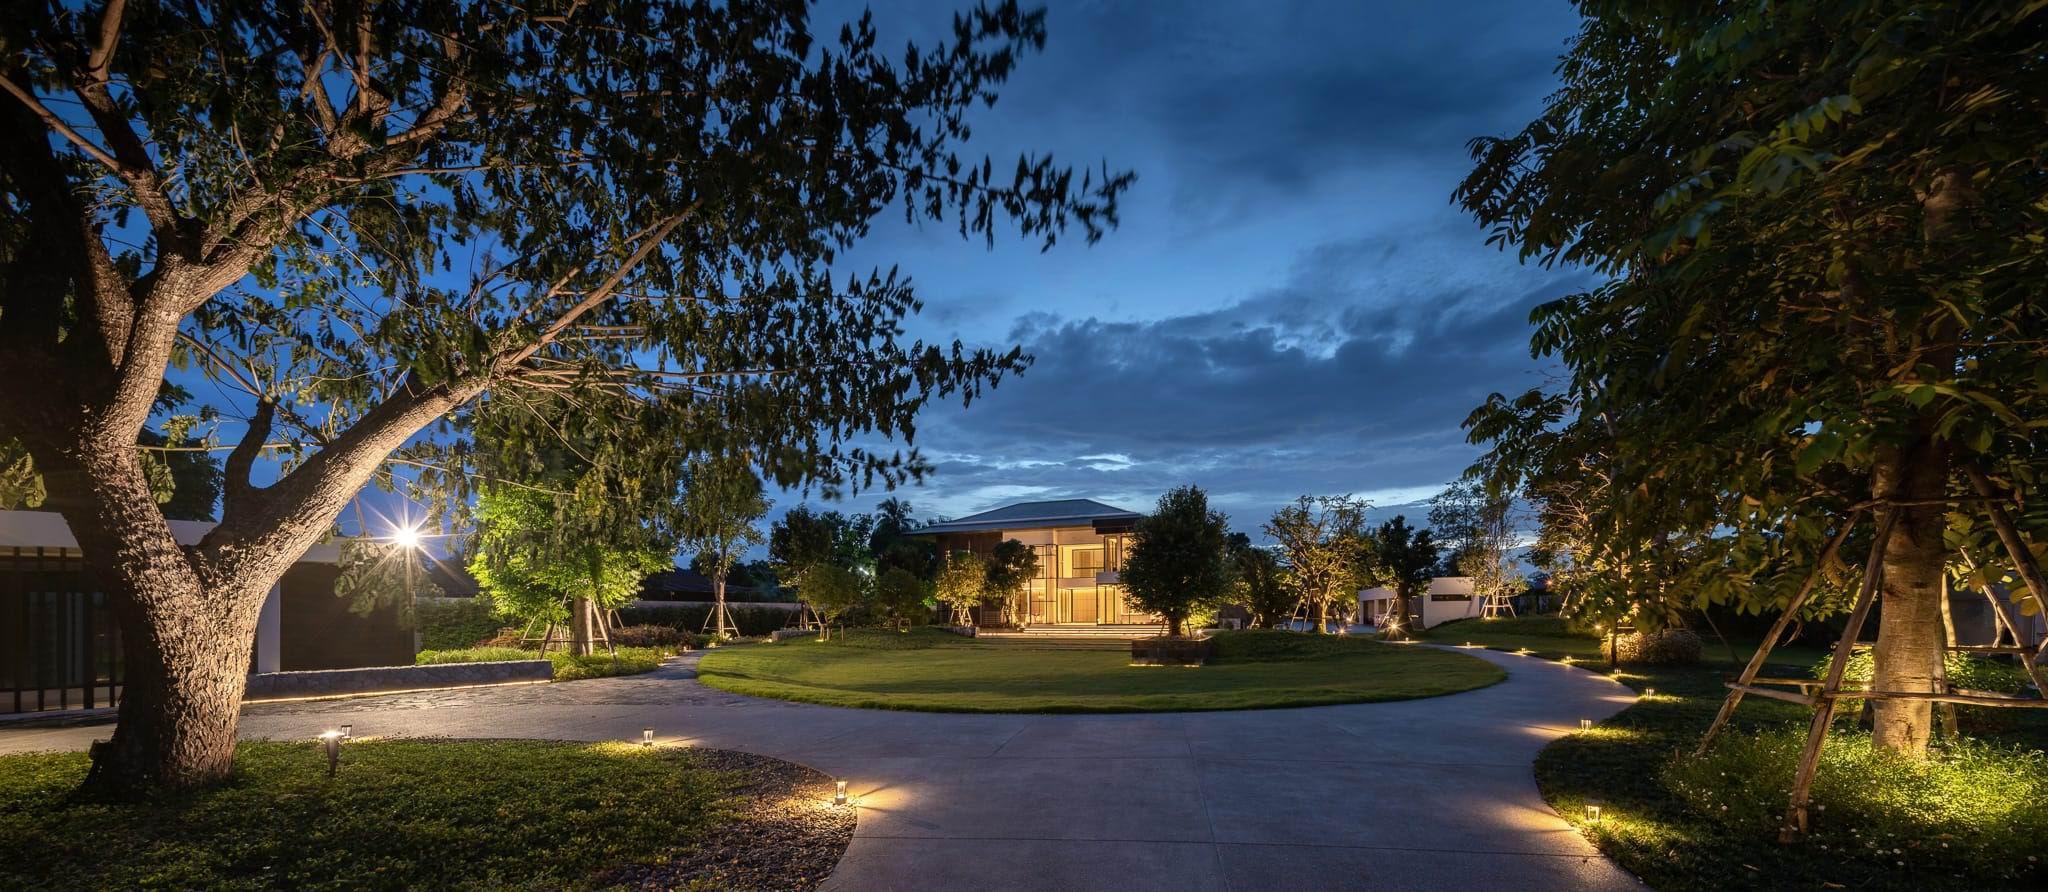 泰国碧武里W私人住宅景观-21